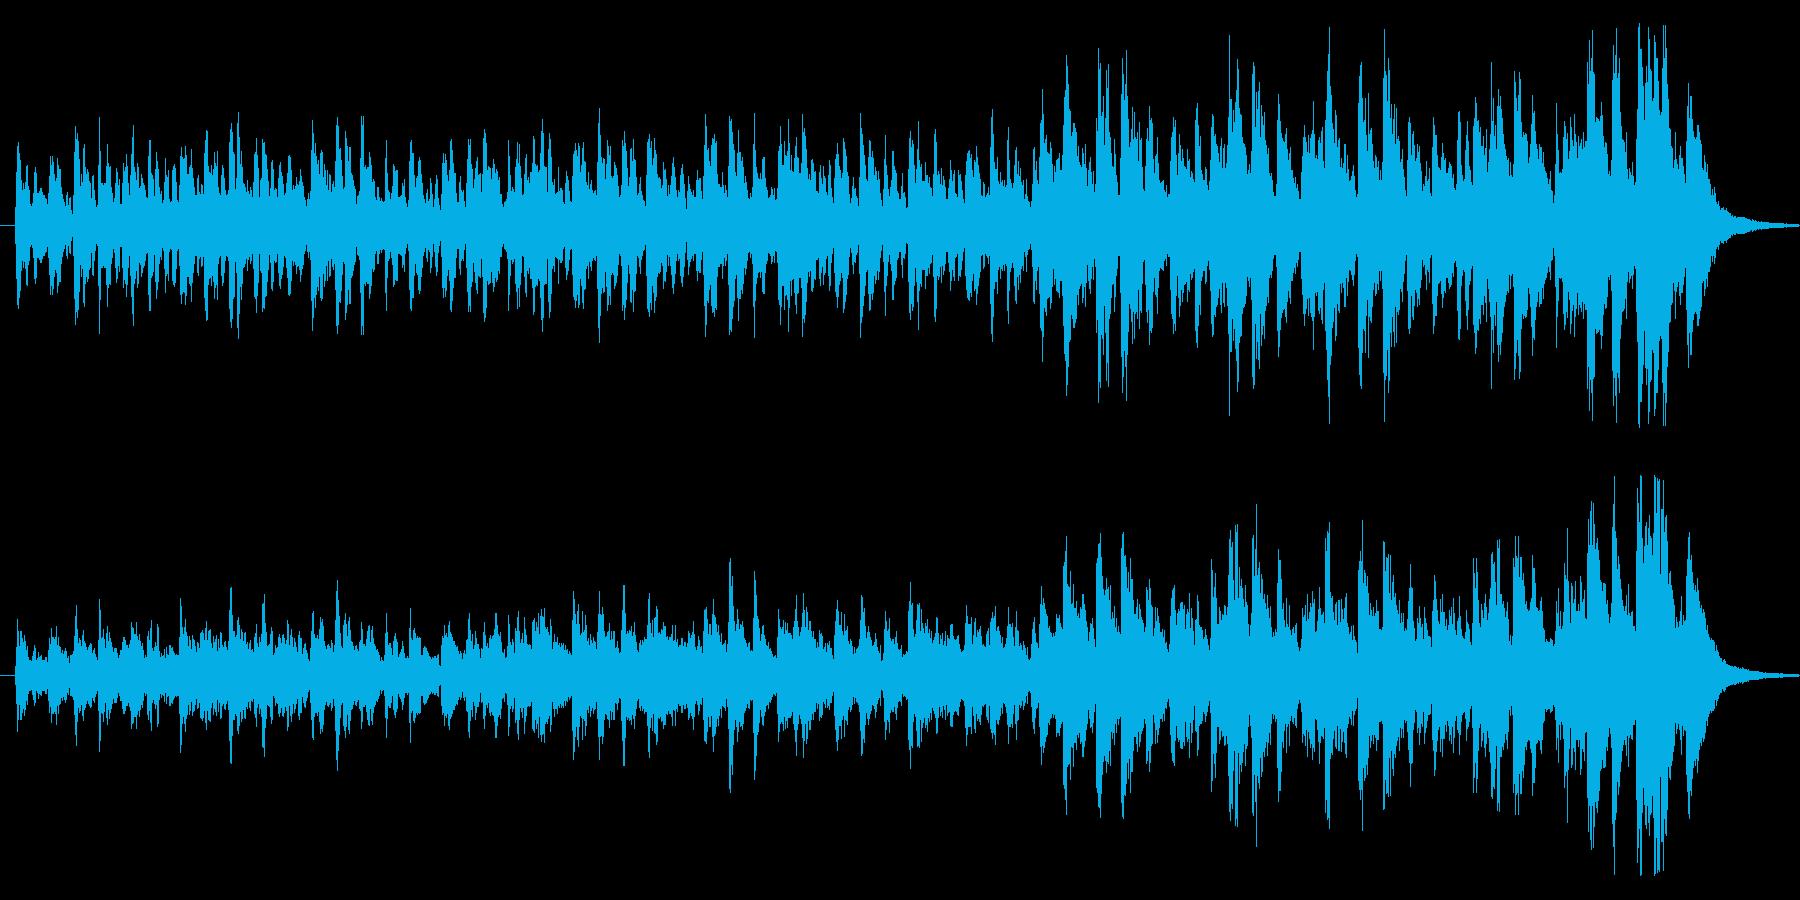 緊張感を持たせるストリングス楽曲の再生済みの波形